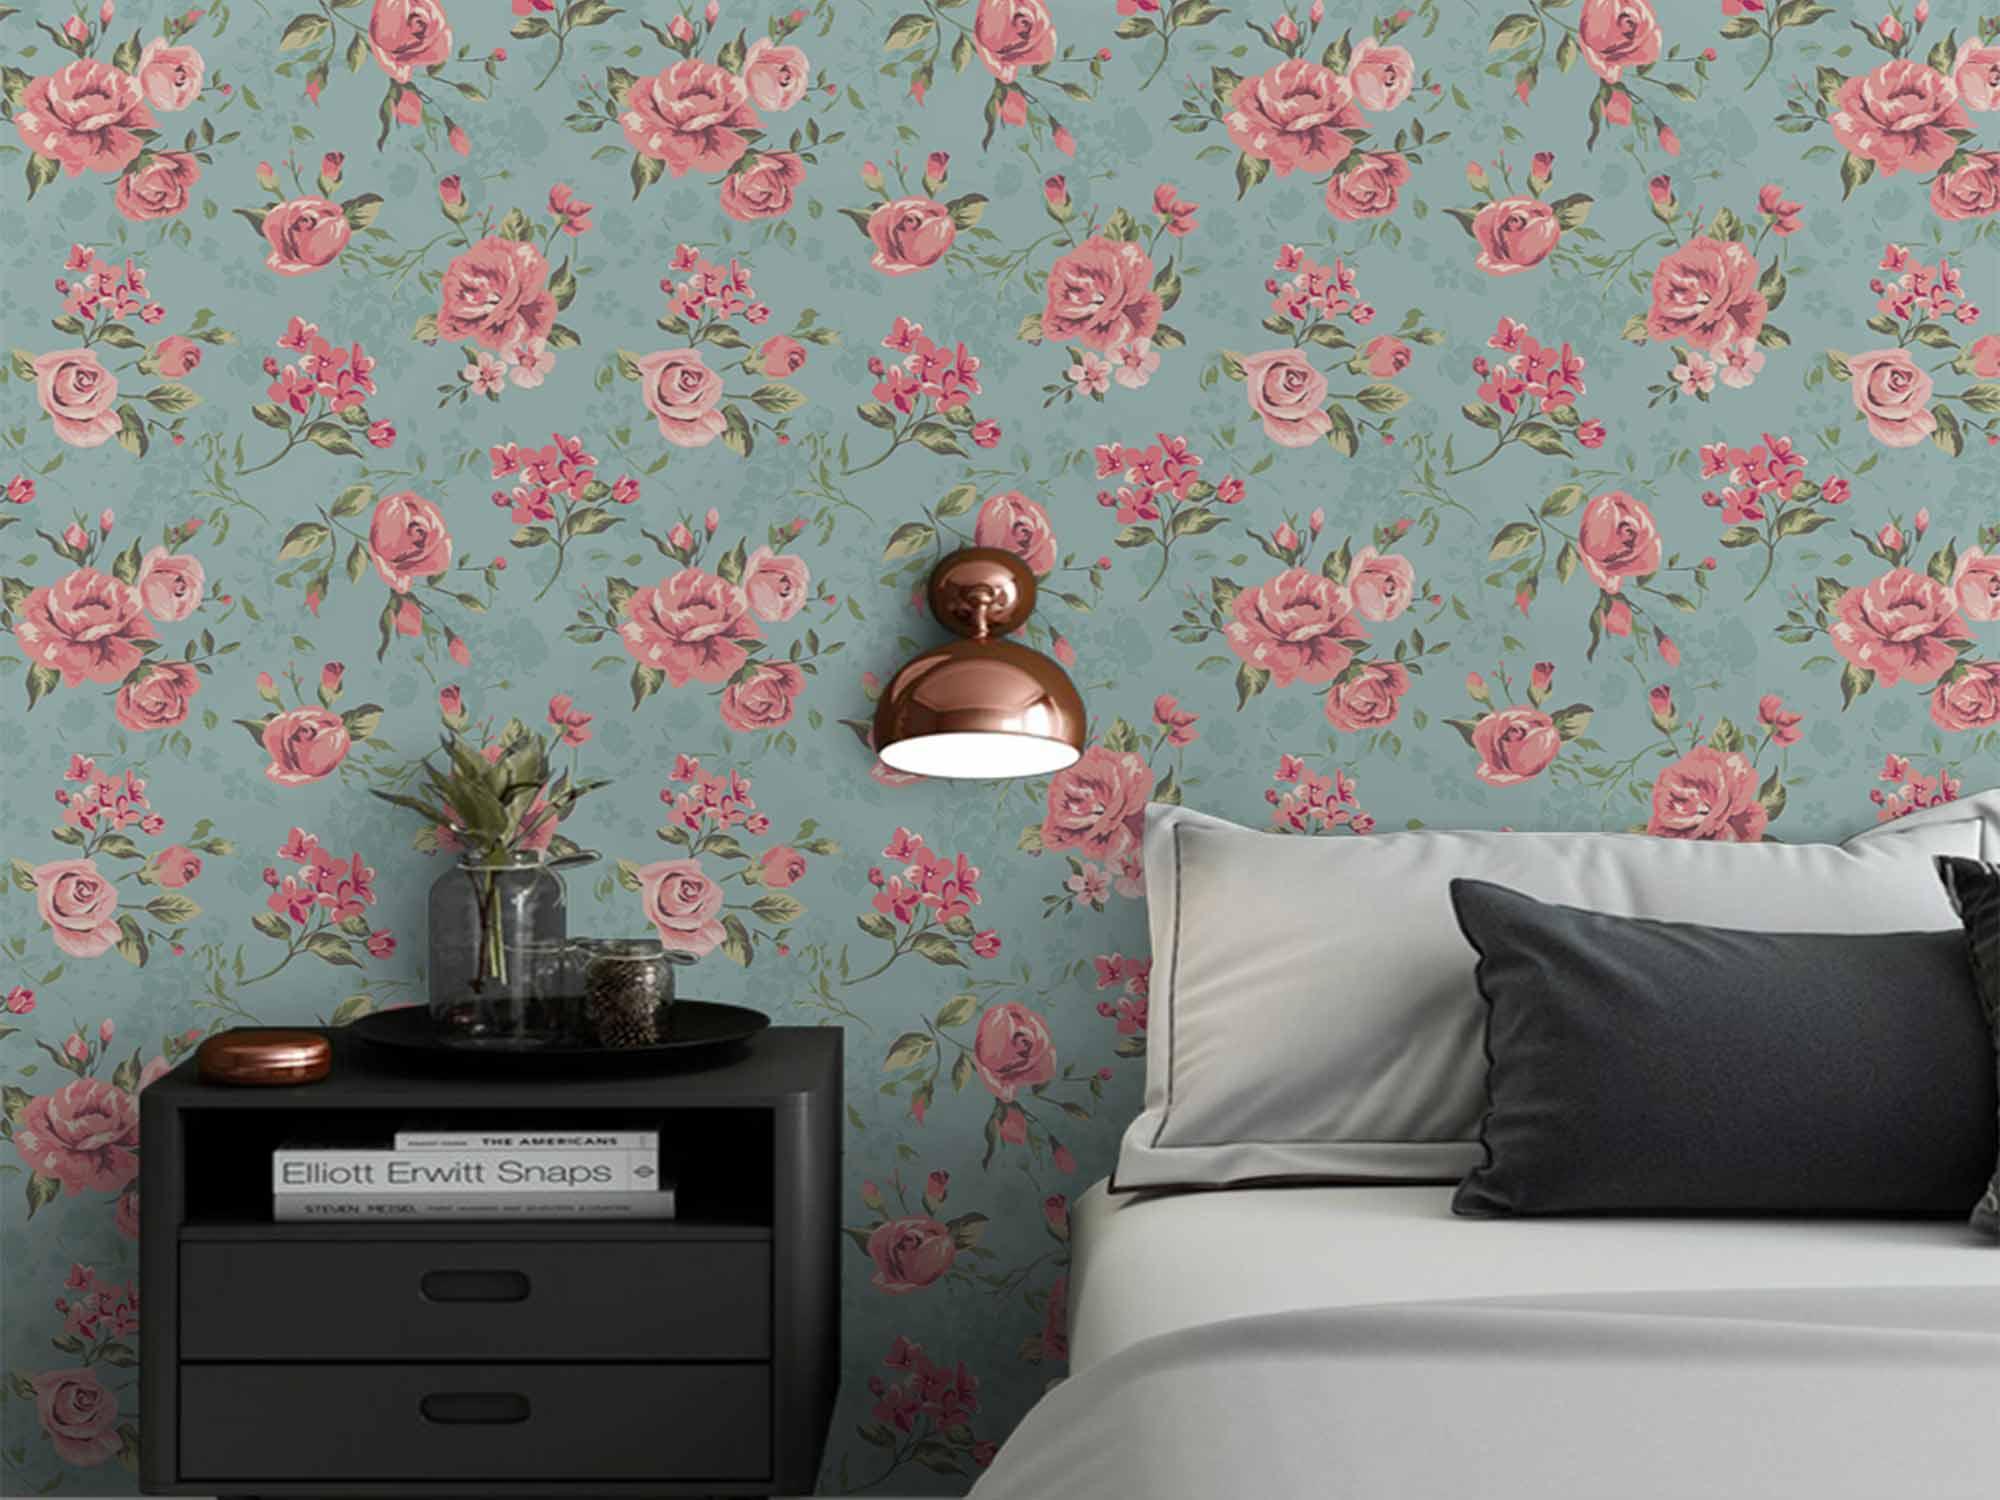 Papel de Parede Floral 0001 - PROMOÇÃO   - Paredes Decoradas